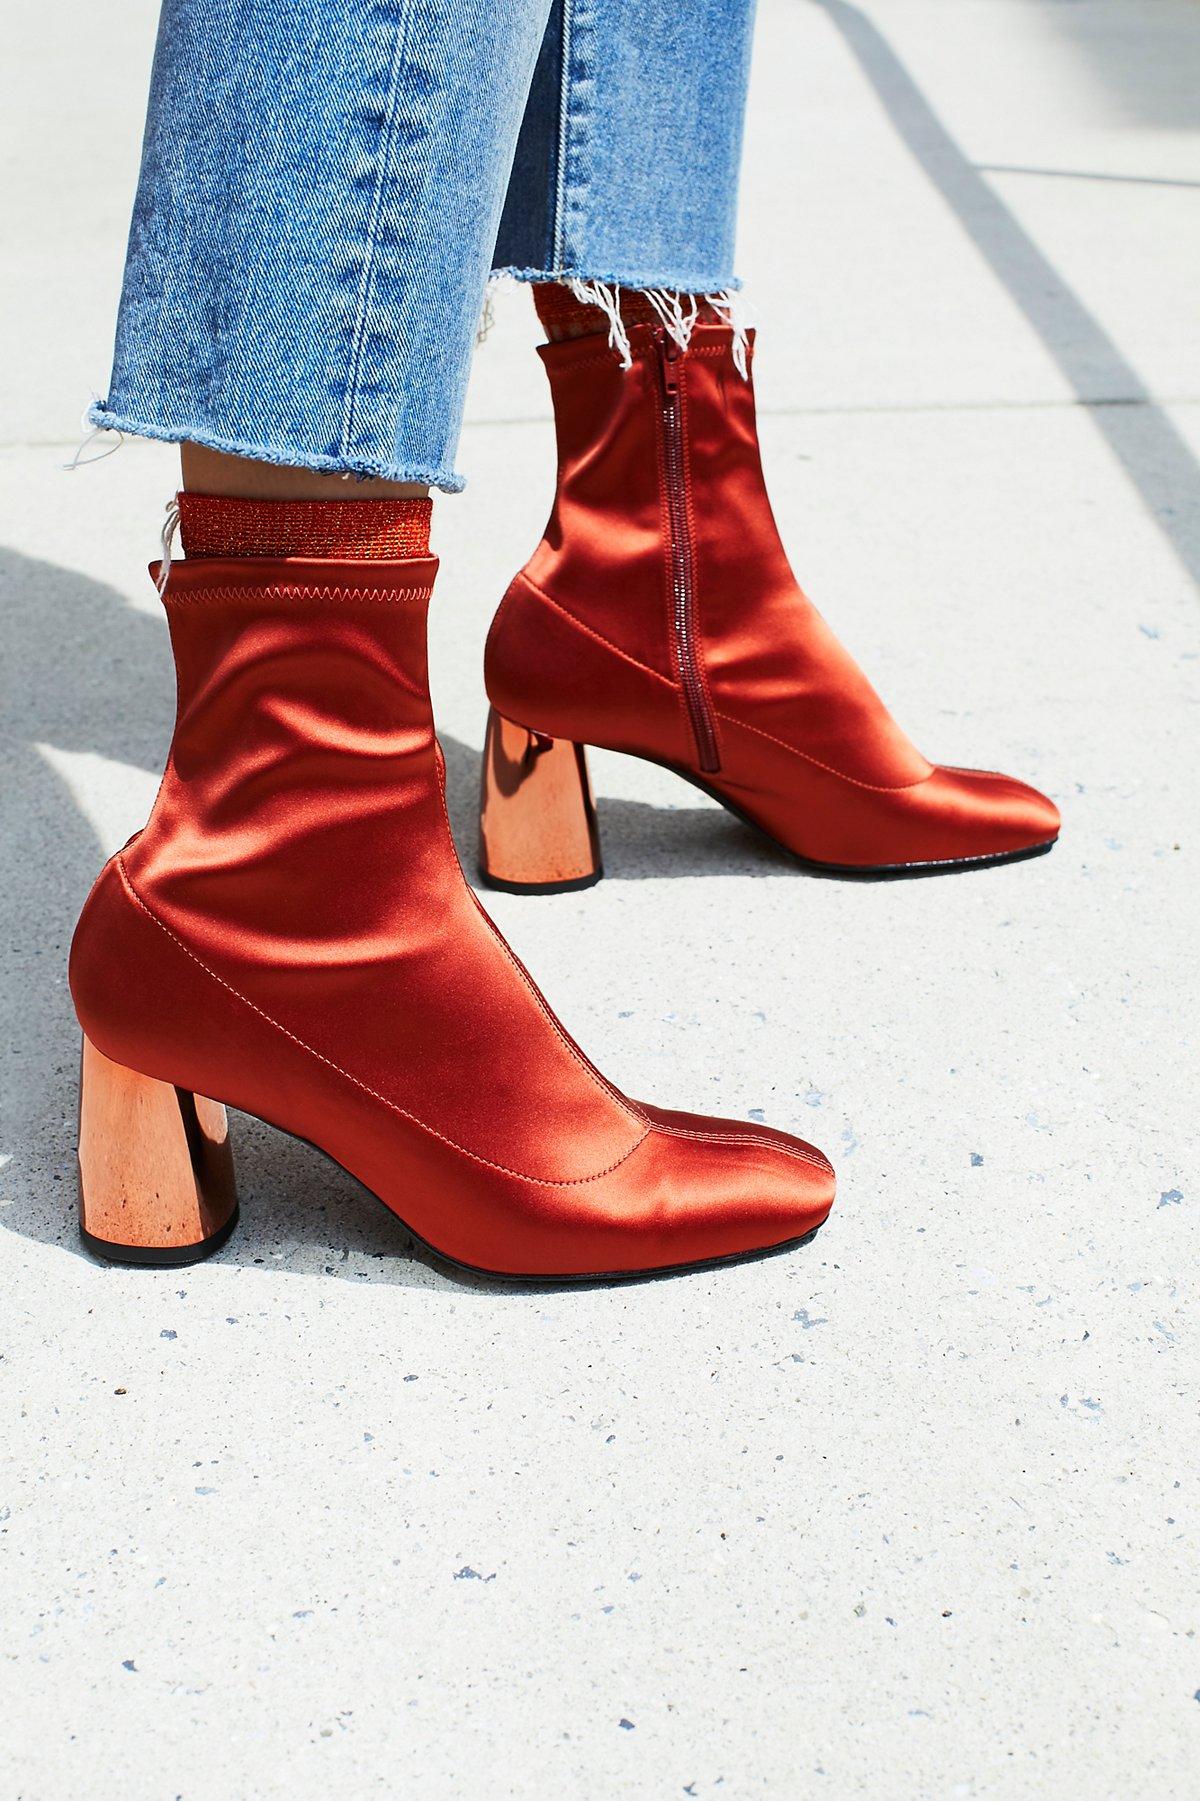 Spectrum袜靴